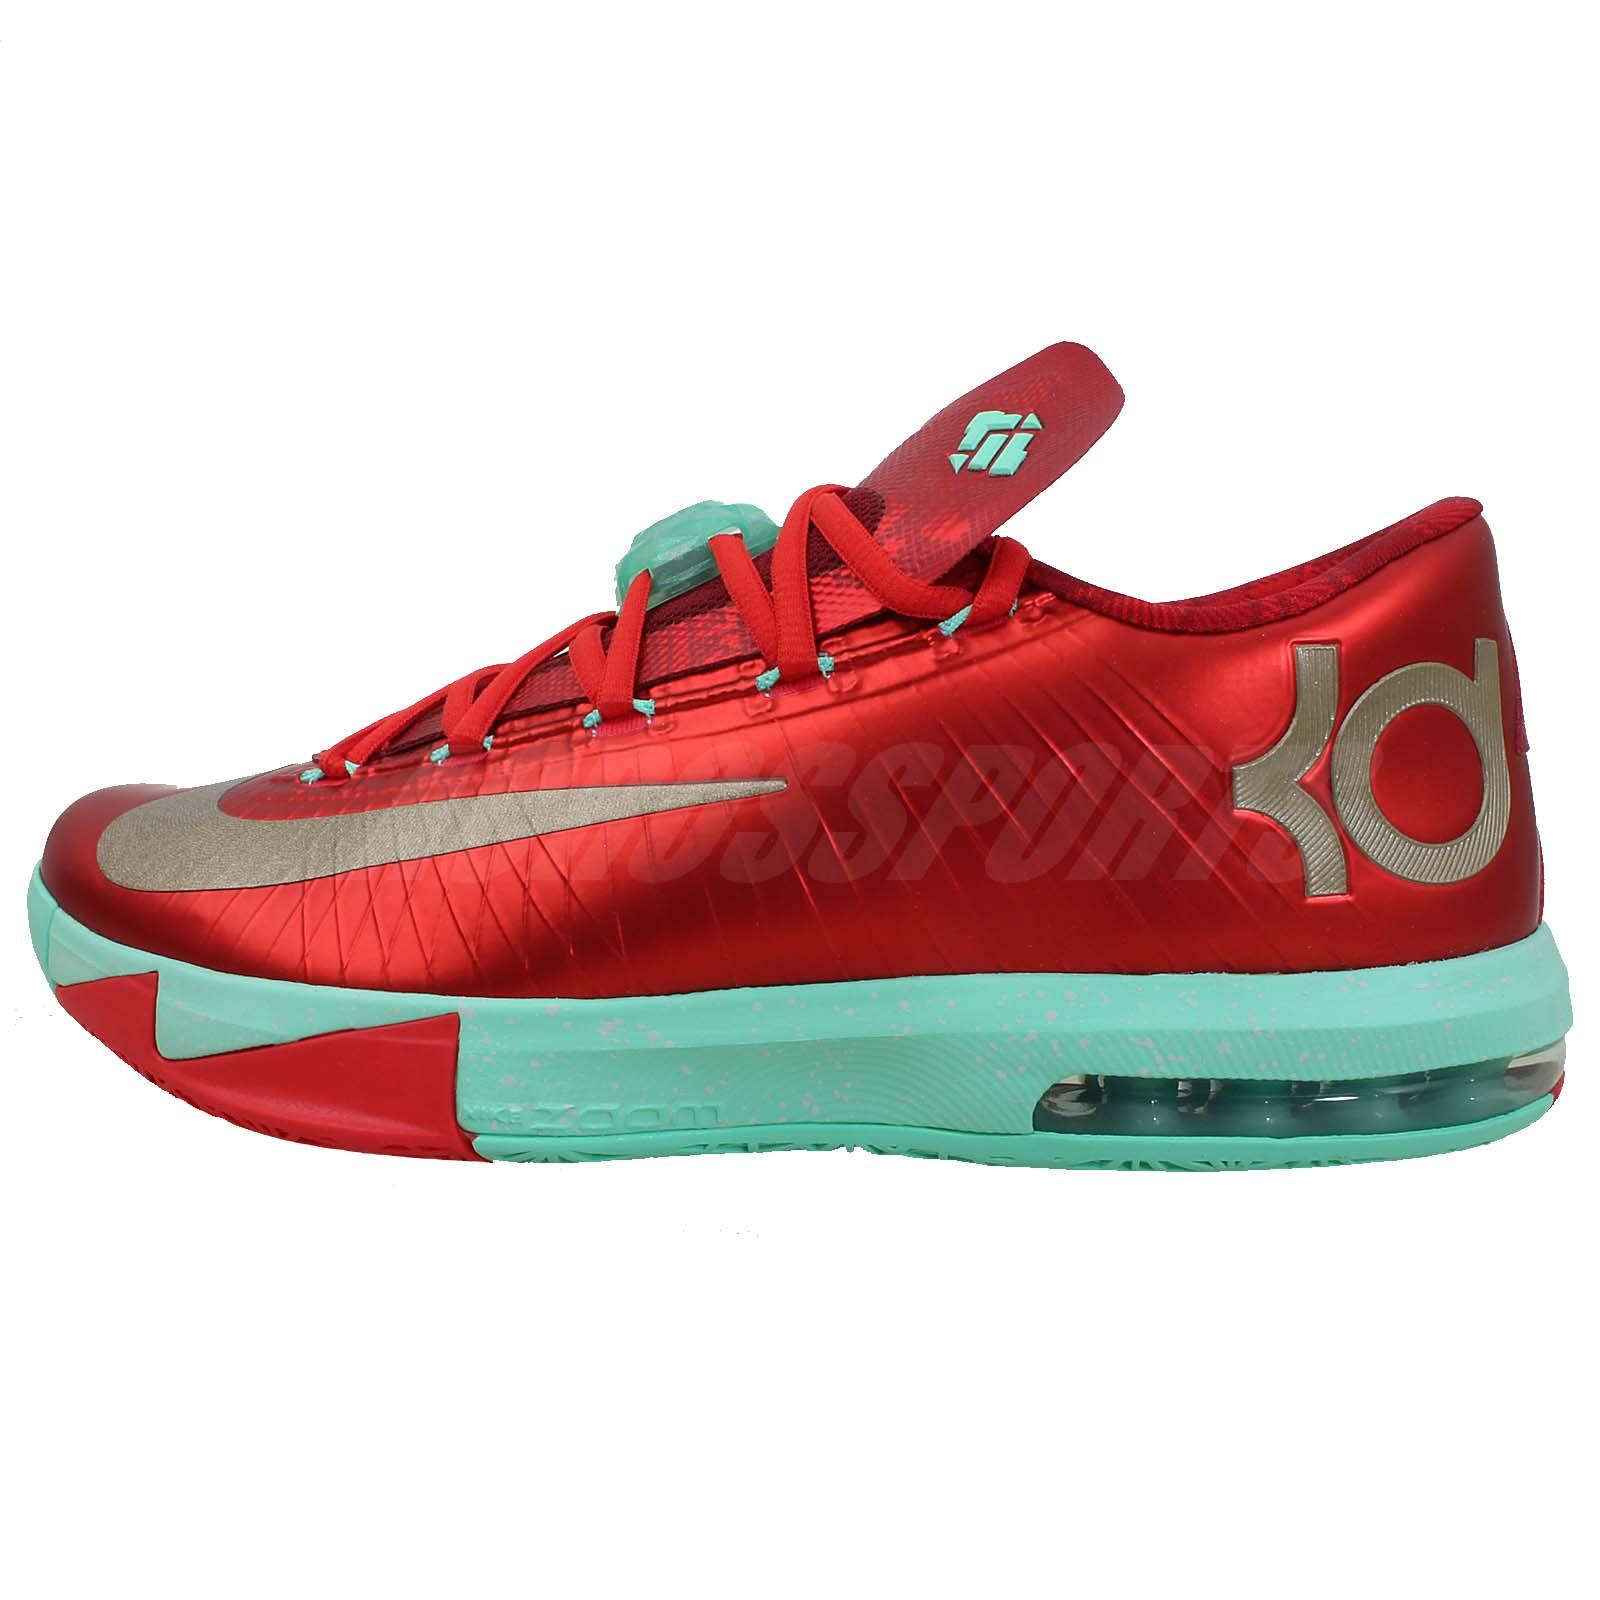 Nike KD VI 6 Christmas Pack Xmas Zoom Air Max 599424 601 ...